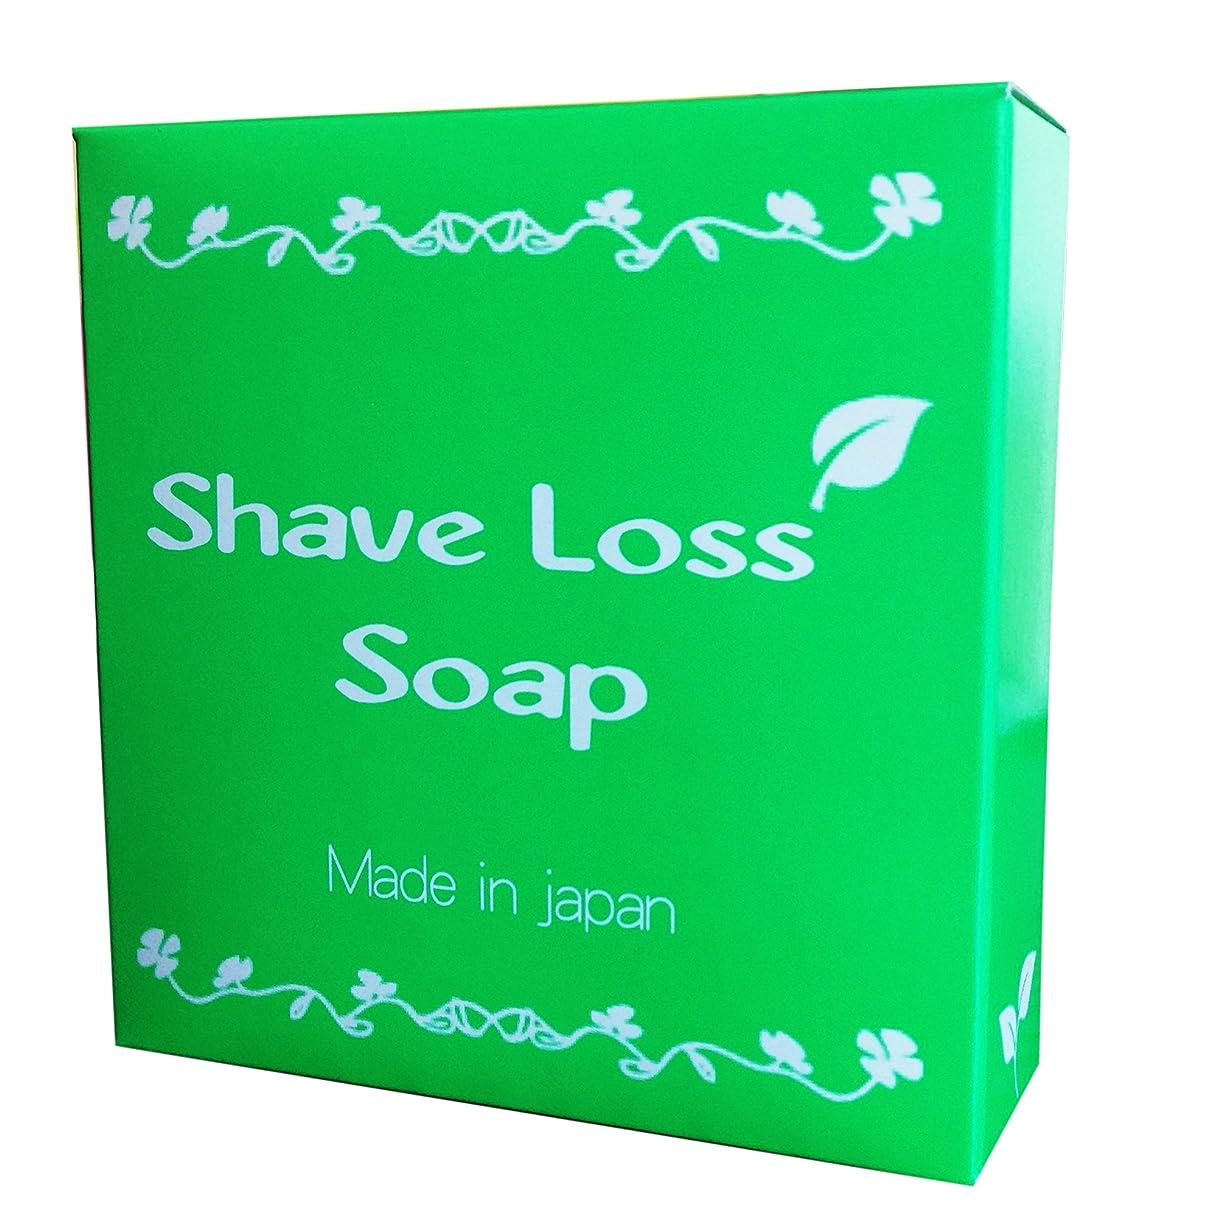 ペニーケイ素どんよりしたShave Loss Soap 女性のツルツルを叶える 奇跡の石鹸 80g (1個)